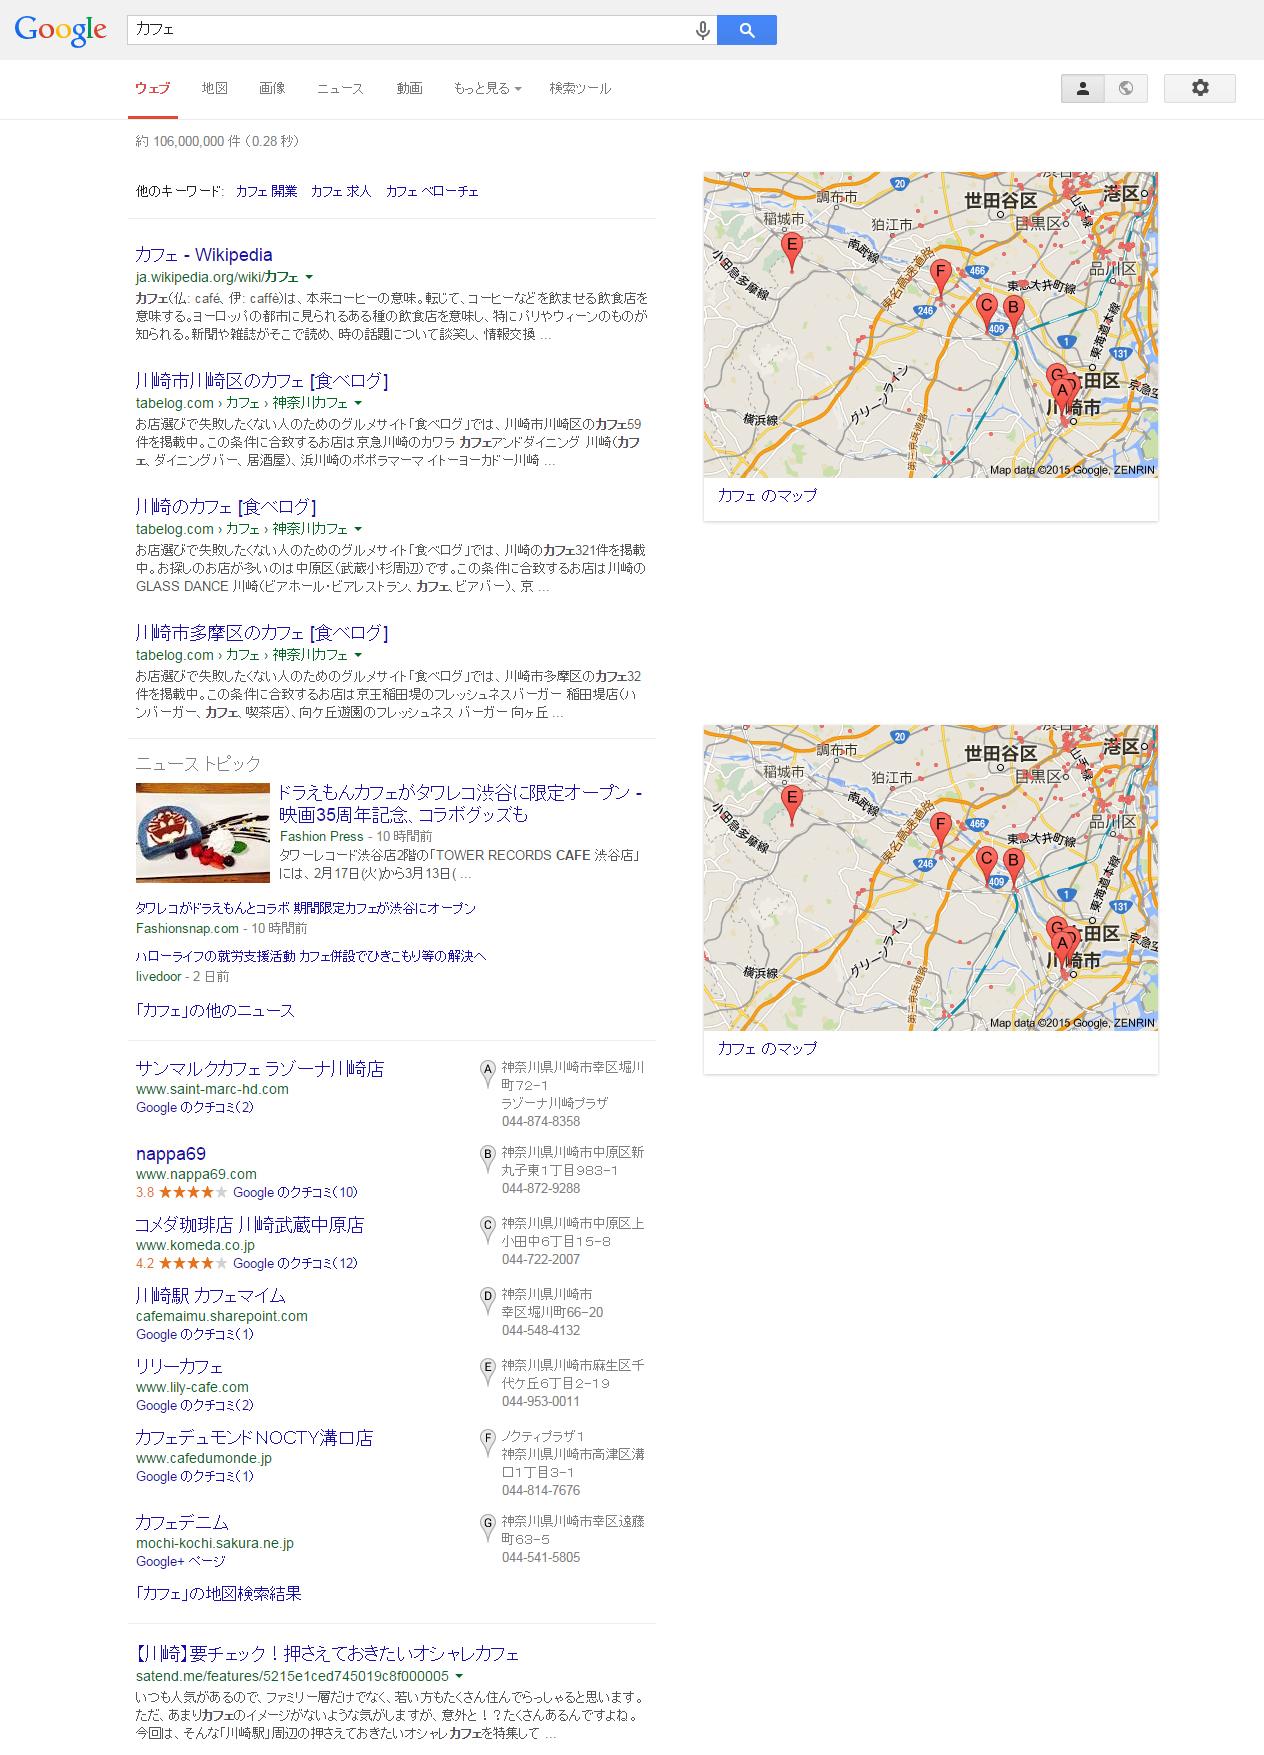 神奈川県川崎市のカフェ情報